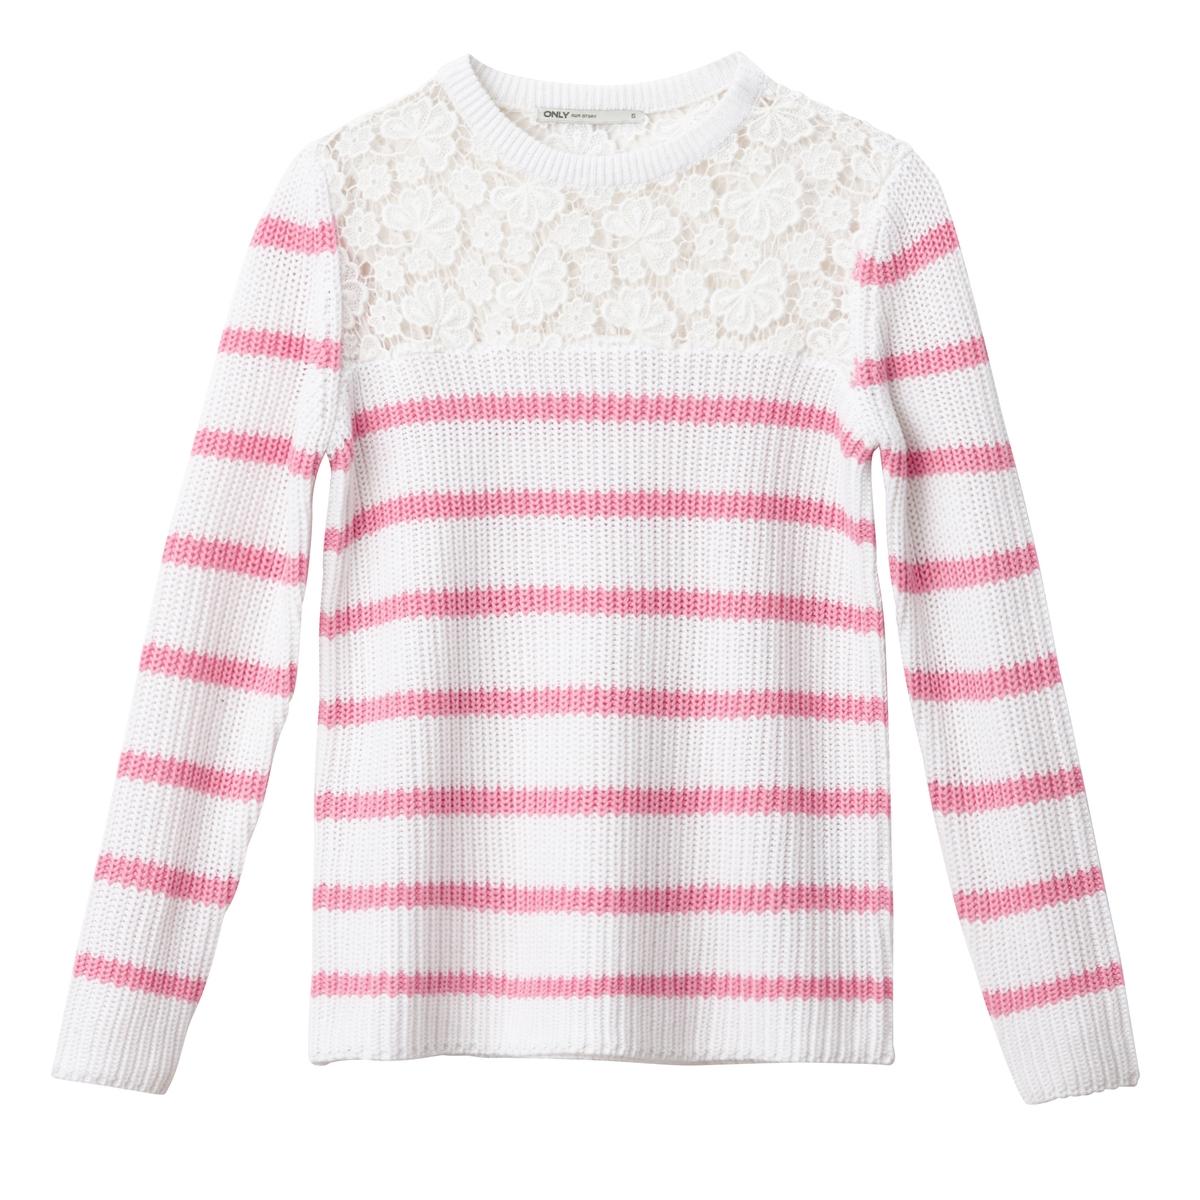 Пуловер с круглым вырезом, из тонкого трикотажа пуловер с круглым вырезом из хлопка и льна